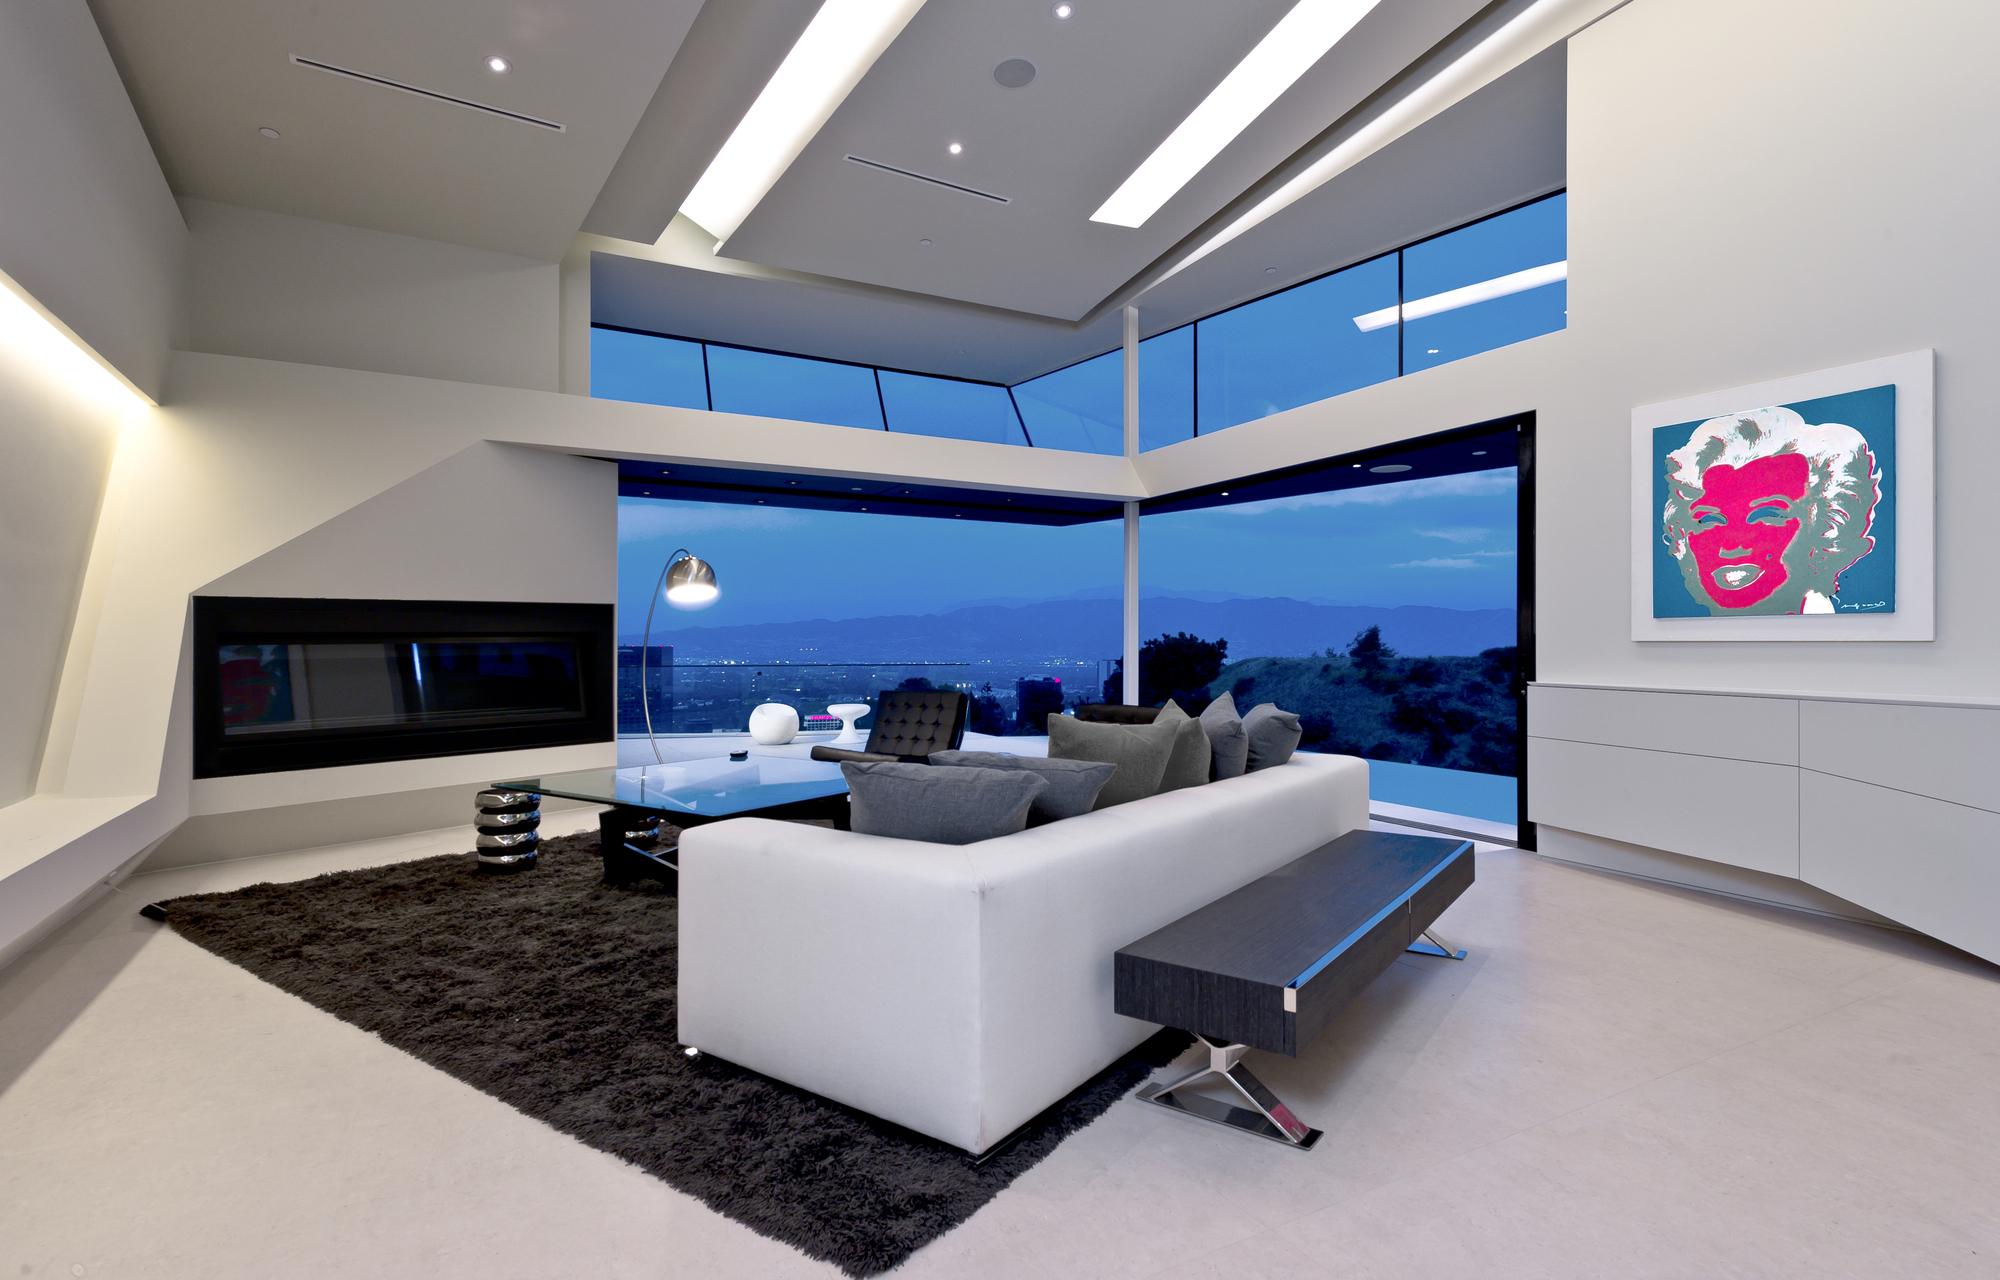 Galeria de mul 7691 void inc 20 for Home decor of 9671 inc